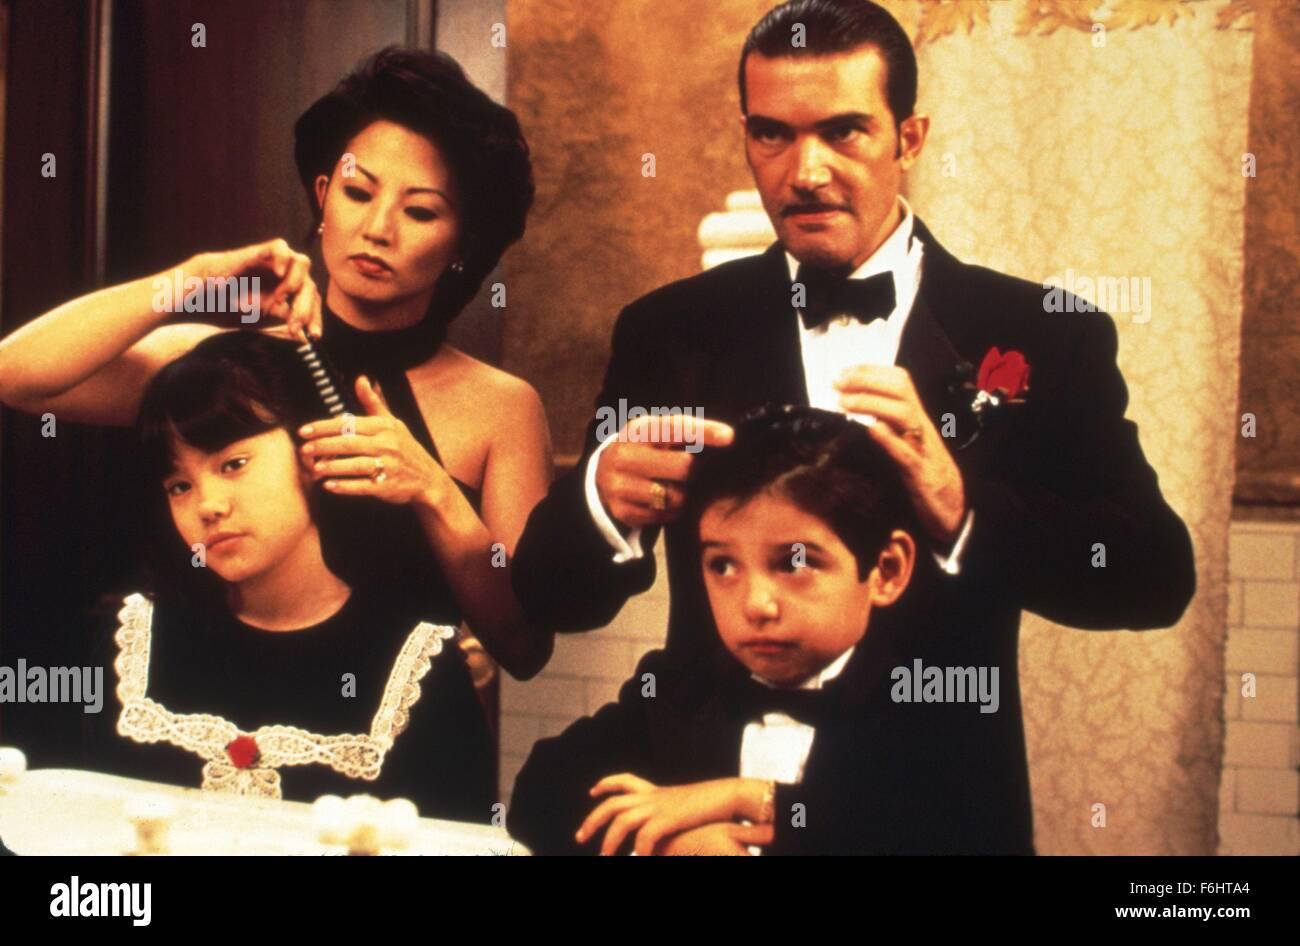 1995, Film Title: FOUR ROOMS, Director: QUENTIN TARANTINO, Studio ...